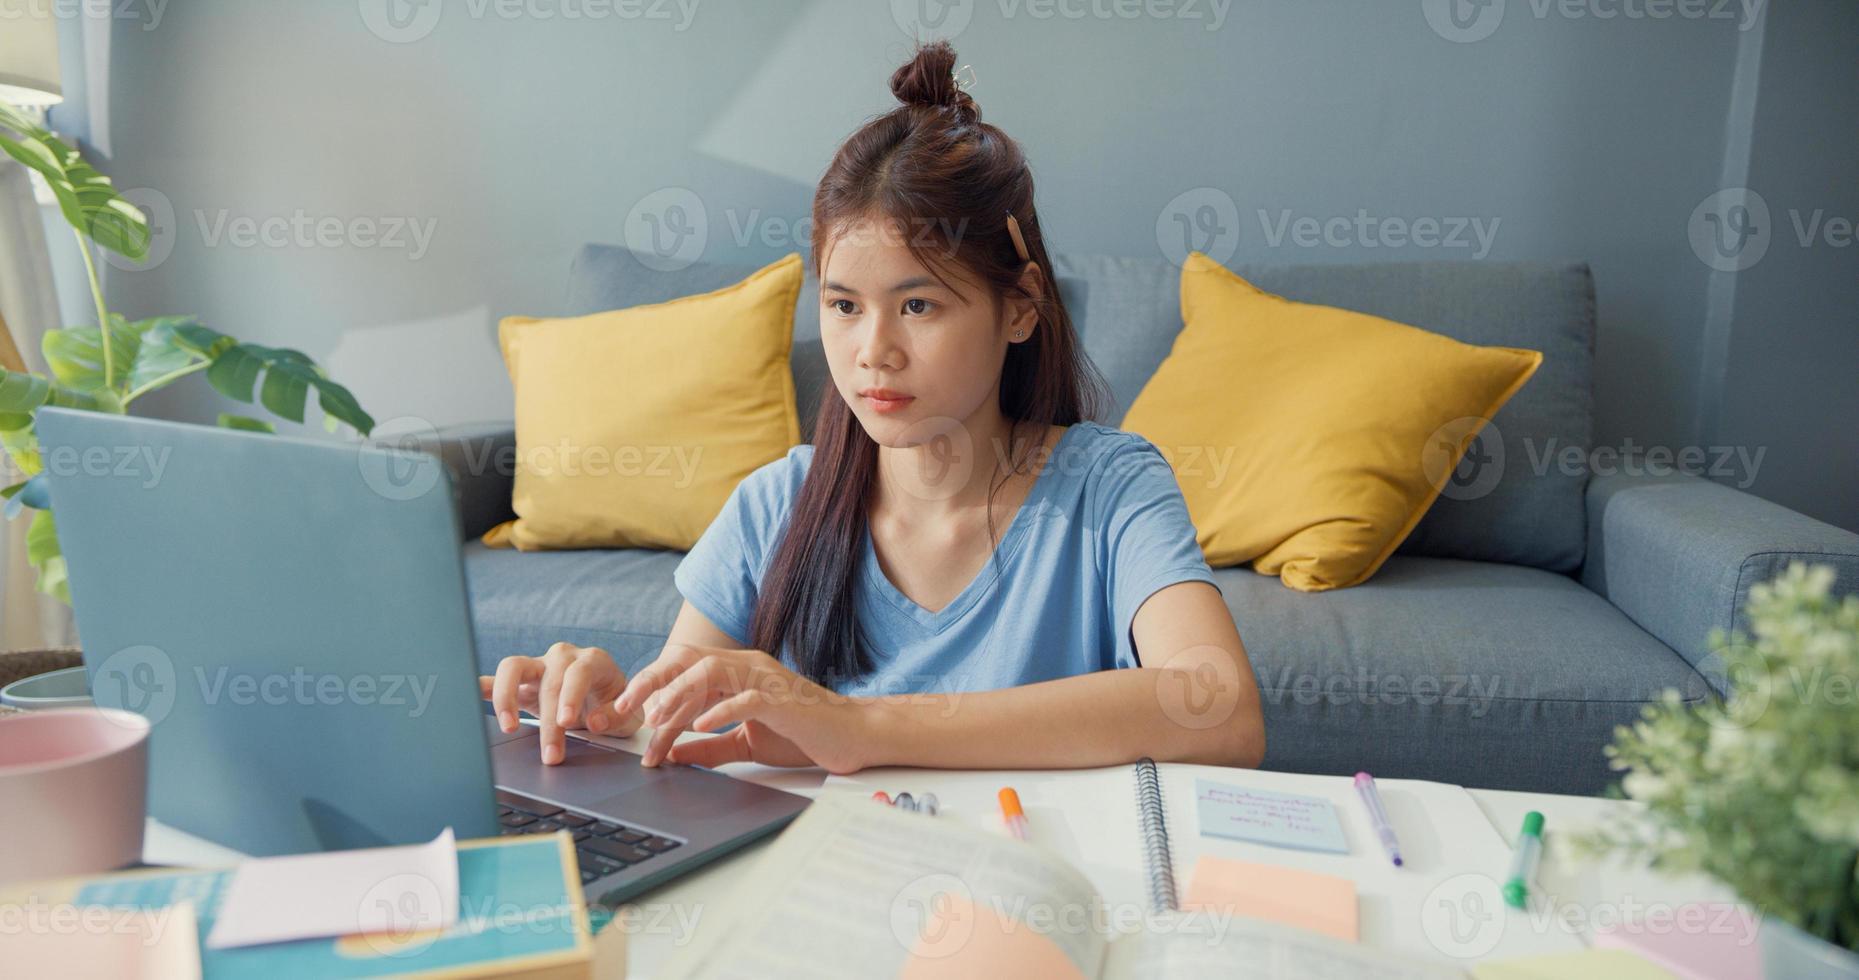 junge asiatische Mädchen Teenager mit gelegentlichem Gebrauch Laptop-Computer lernen online Vorlesungsnotizbuch für den Abschlusstest im Wohnzimmer im Haus schreiben. Isolieren Sie das Online-E-Learning-Konzept für die Coronavirus-Pandemie. foto